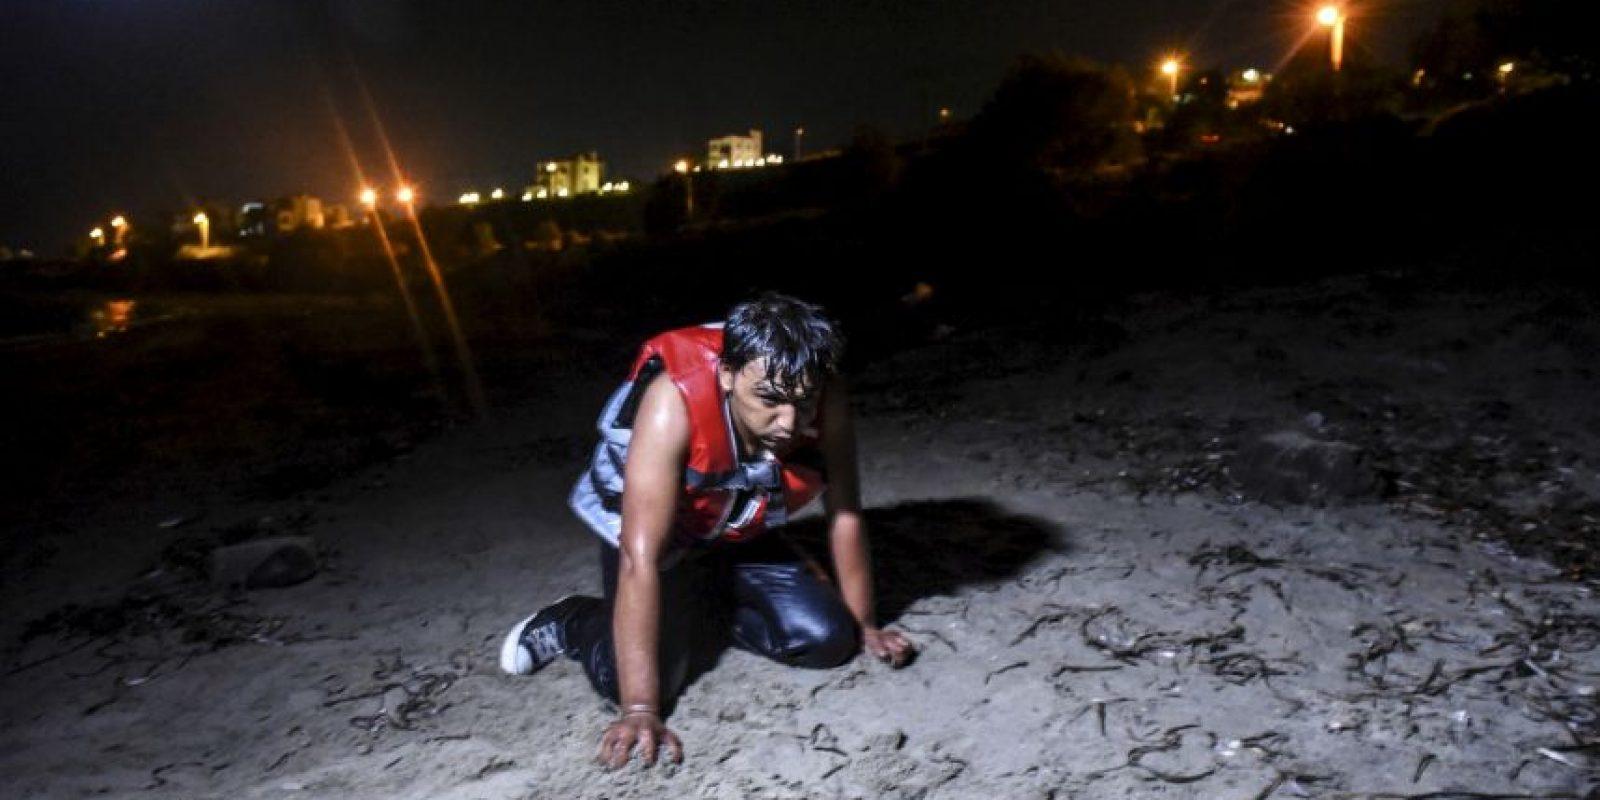 Migrante llega a las costas de Grecia. Foto:AFP